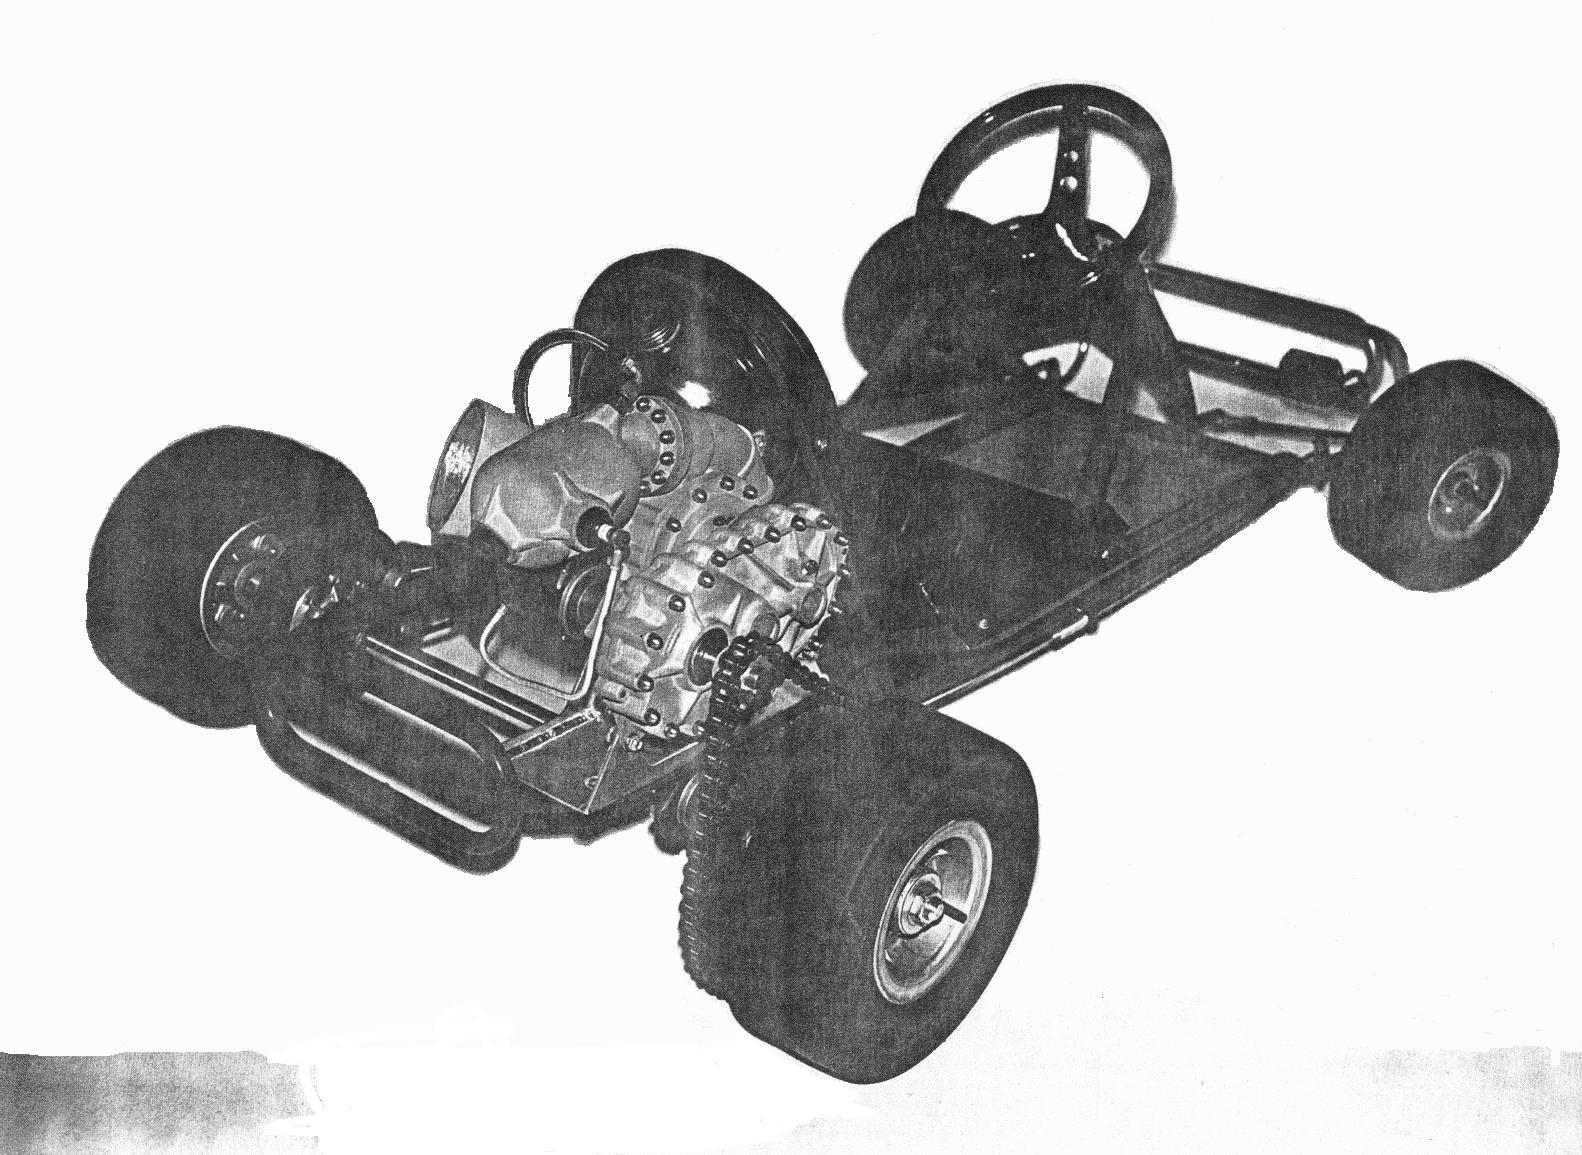 Turbonique on a go-kart